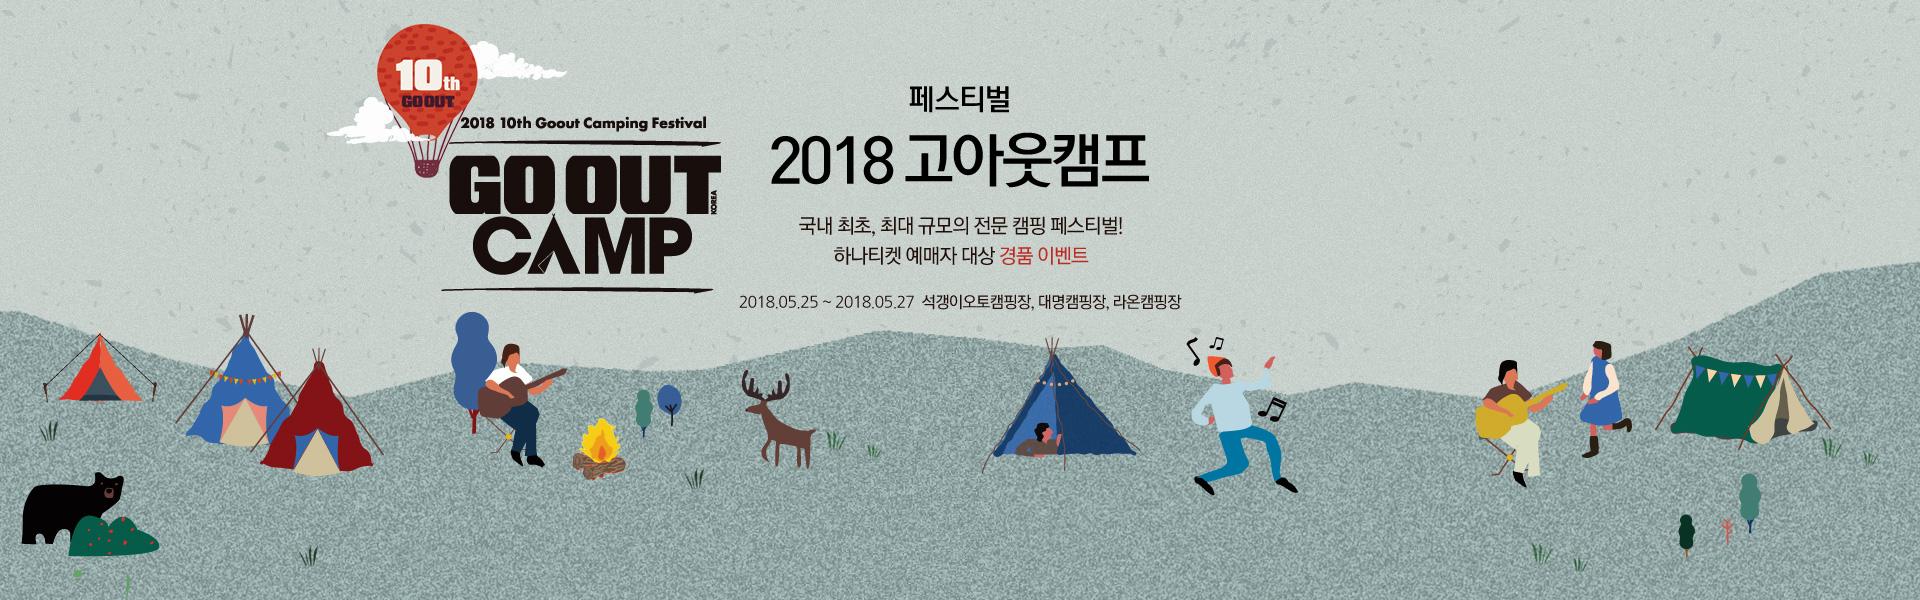 2018 고아웃캠프